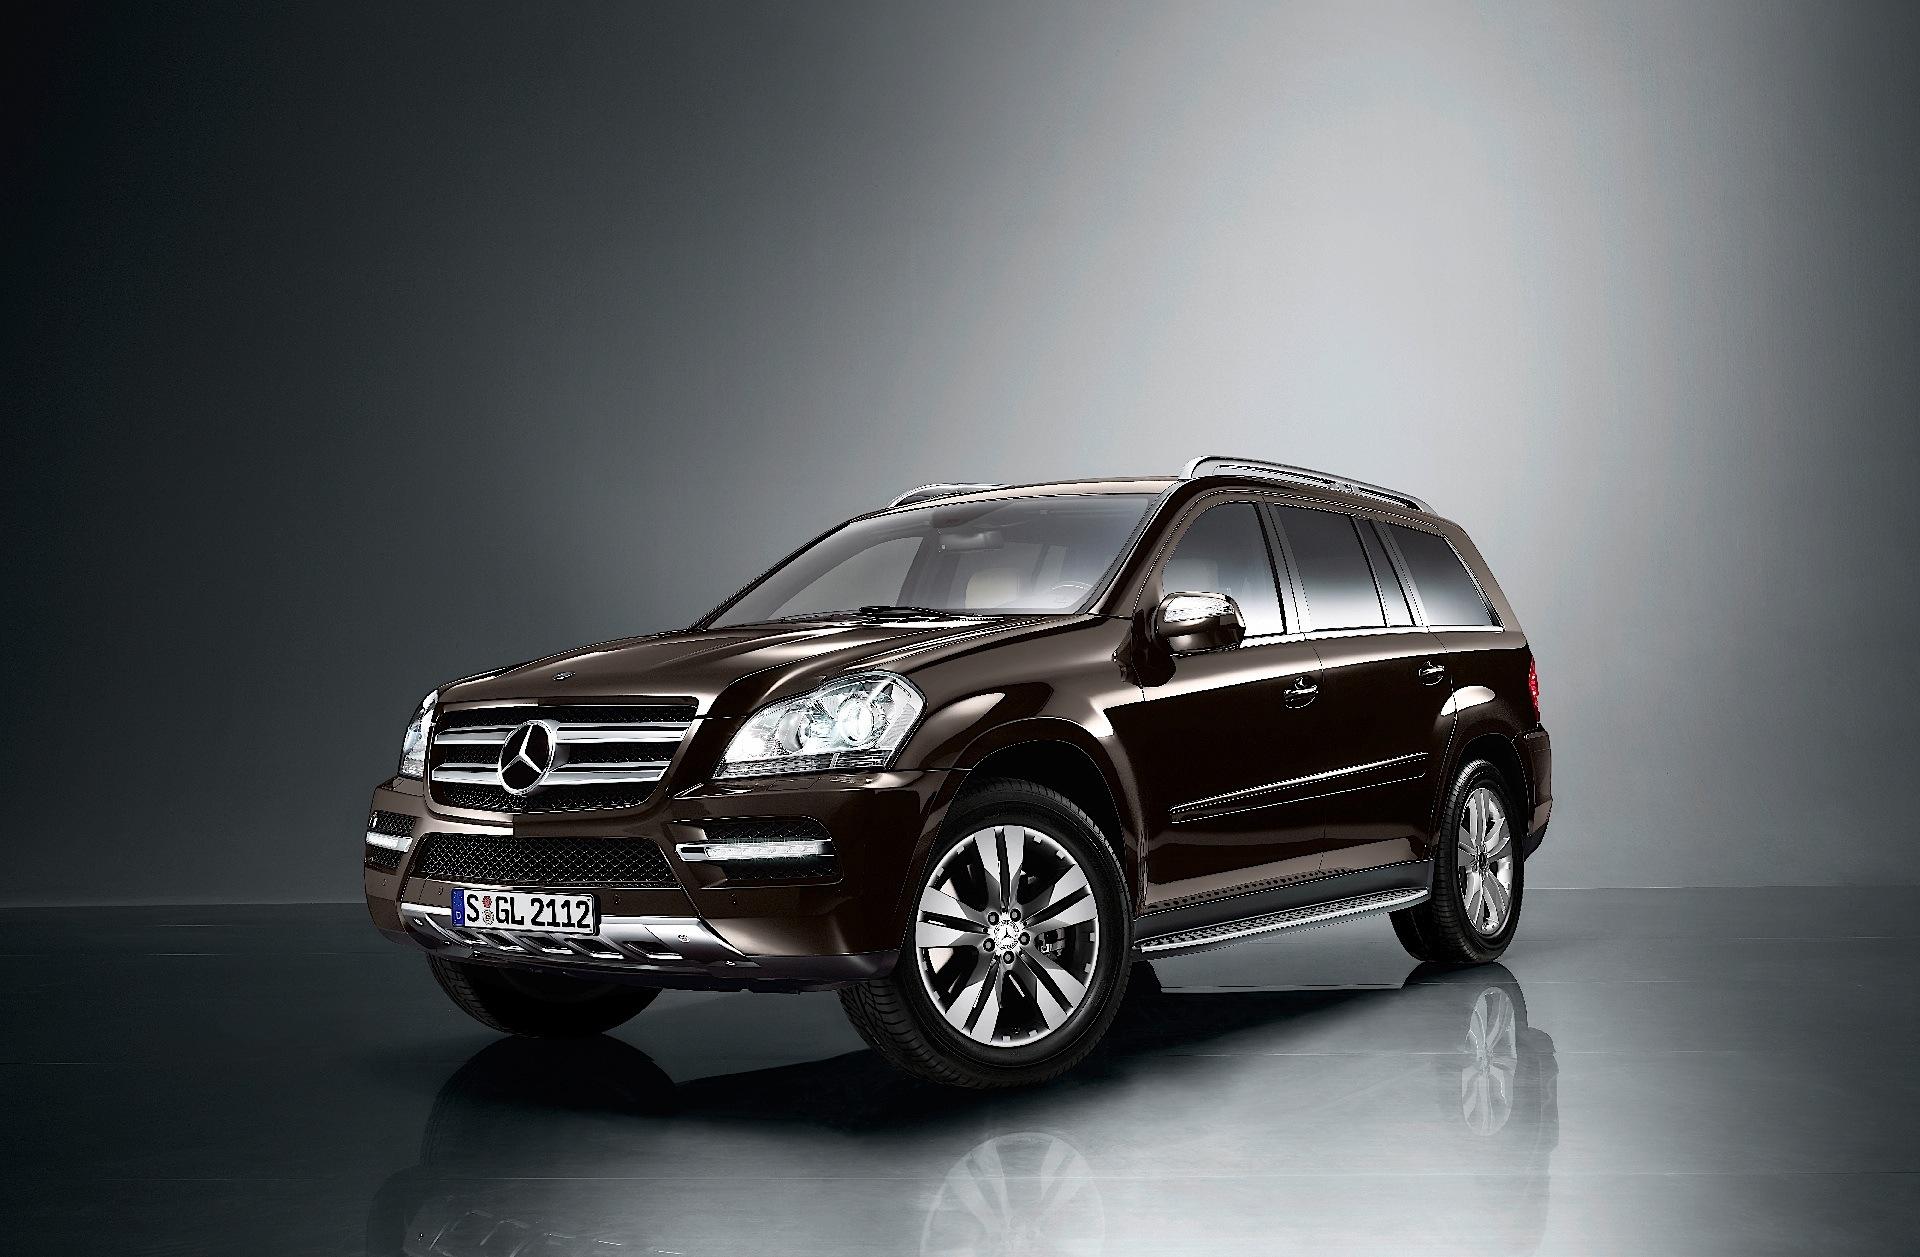 Mercedes benz gl klasse x164 specs 2009 2010 2011 for Mercedes benz gl 2011